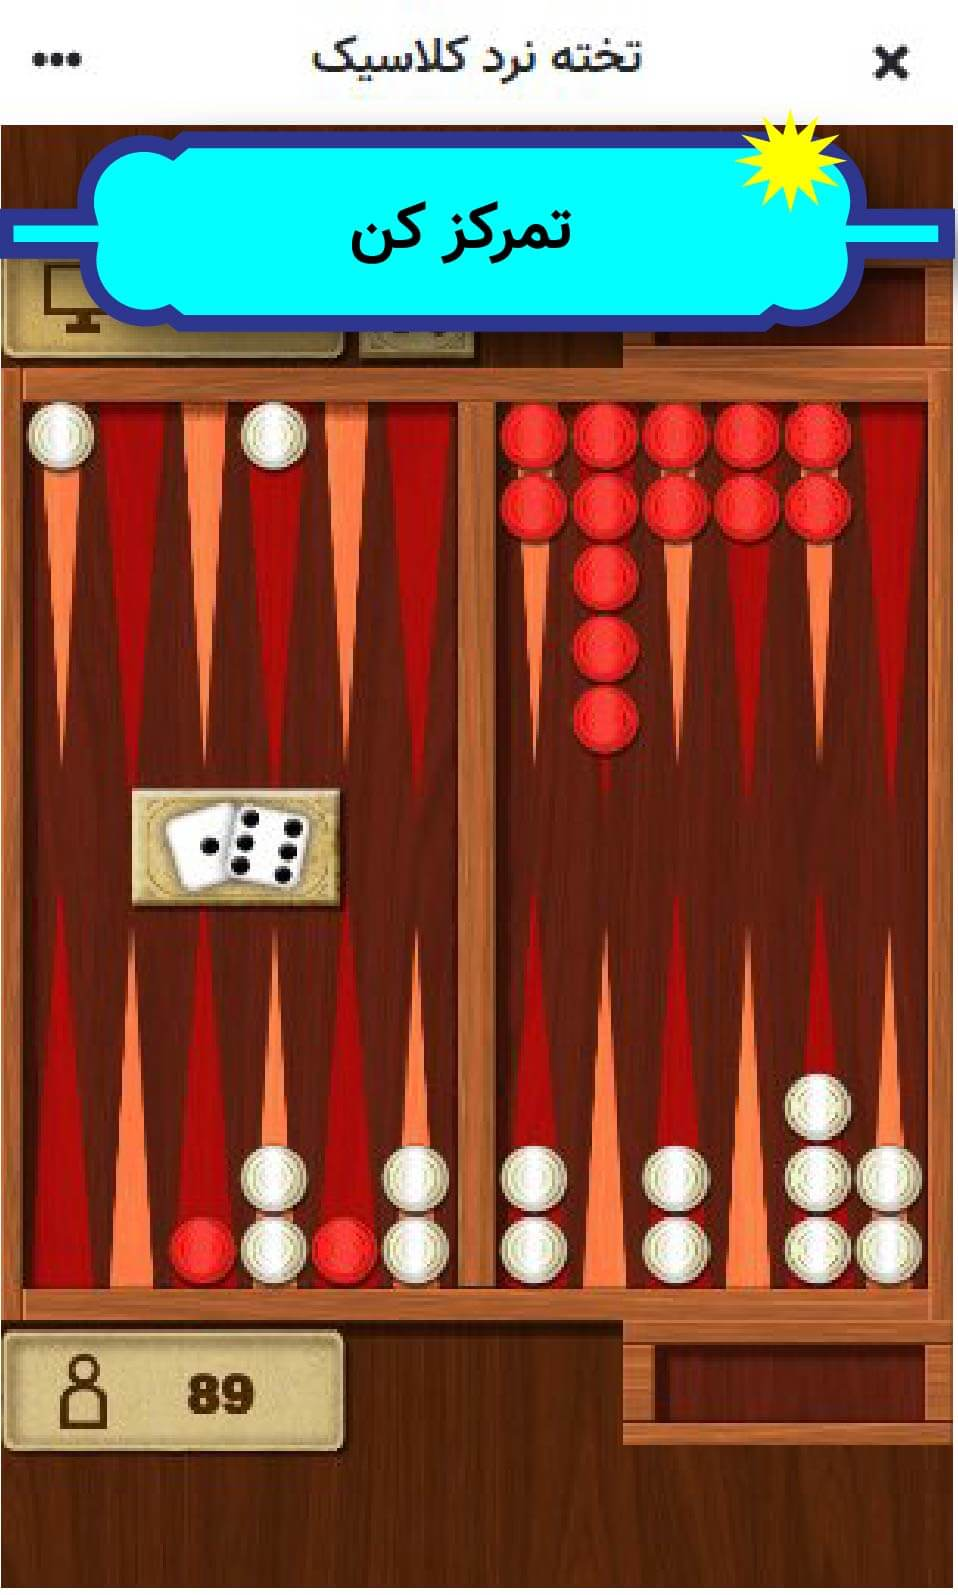 راهنمای بازی آنلاین تخته نرد کلاسیک